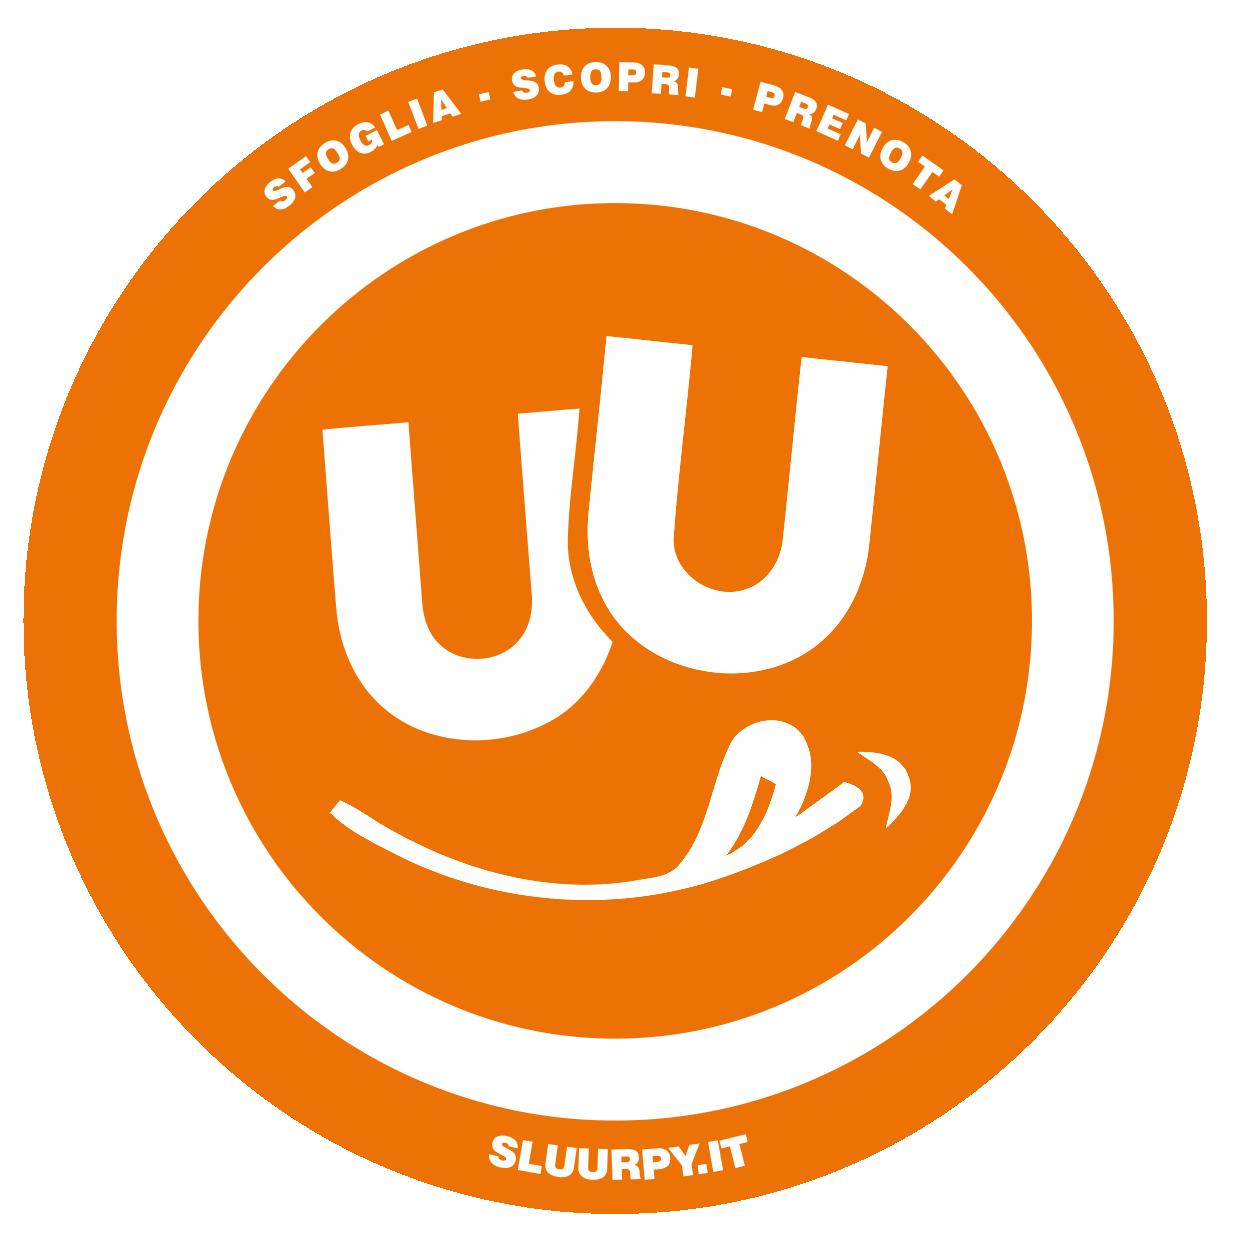 logo Sluurpy S.R.L